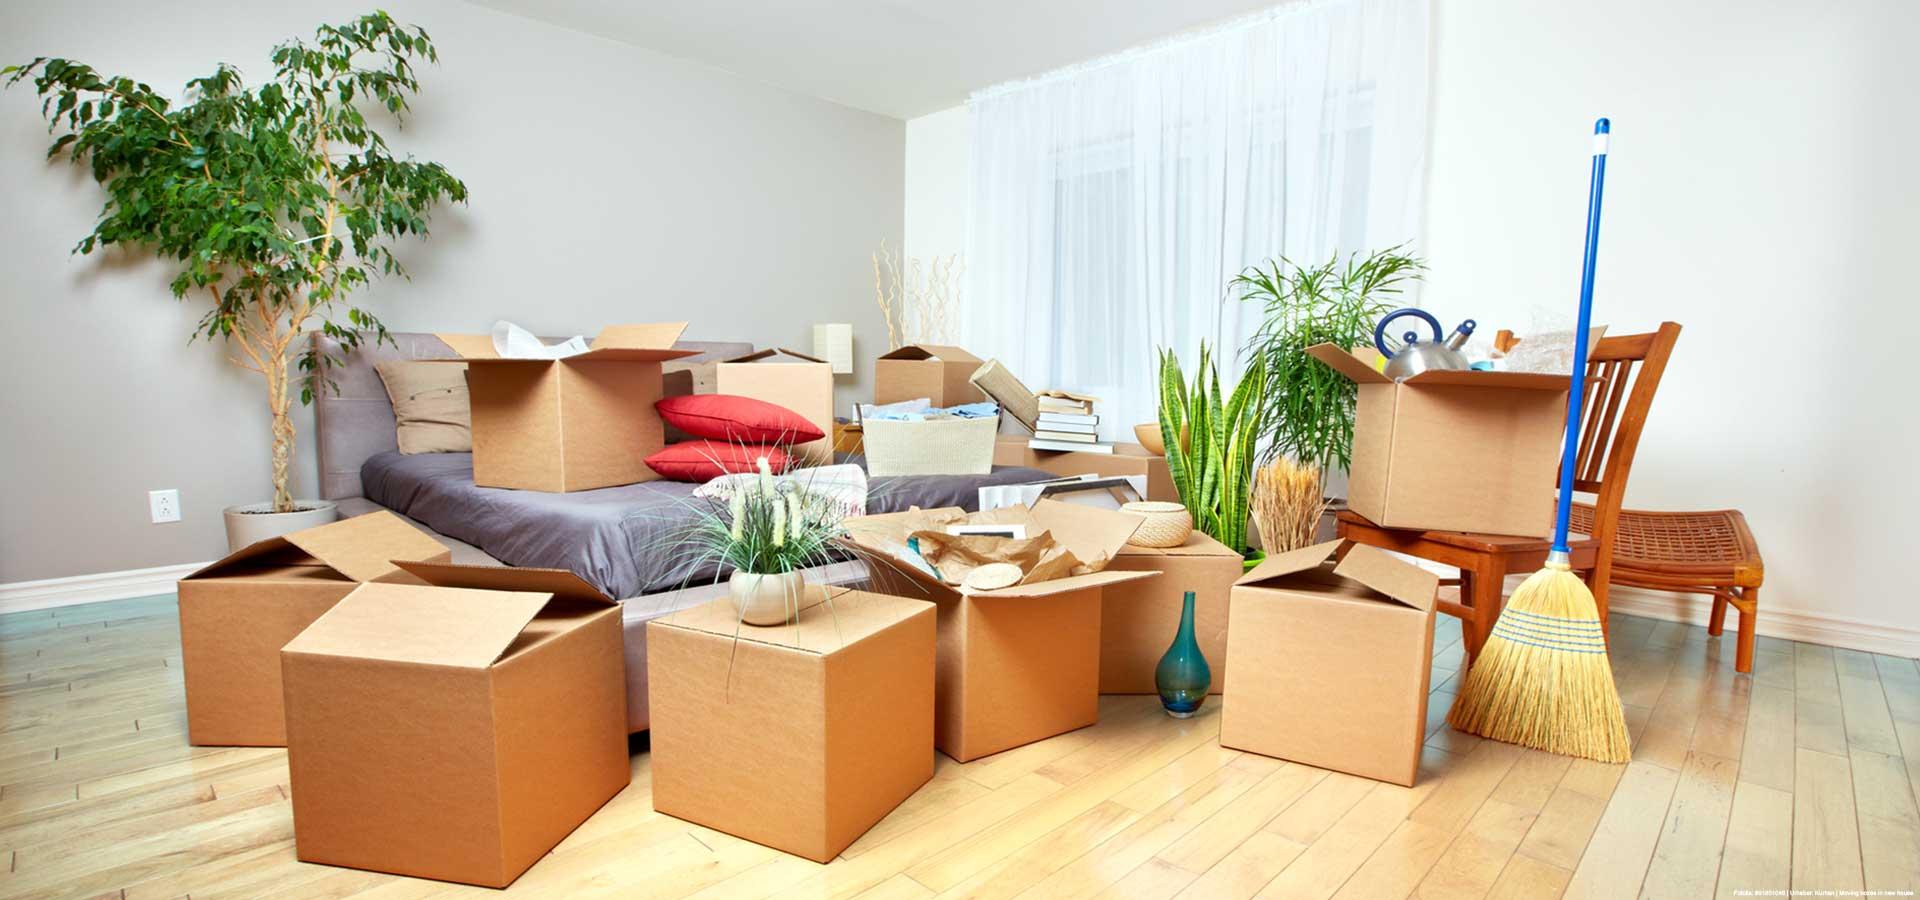 umzugsservice hamburg reibungslose umz ge von haus garten. Black Bedroom Furniture Sets. Home Design Ideas